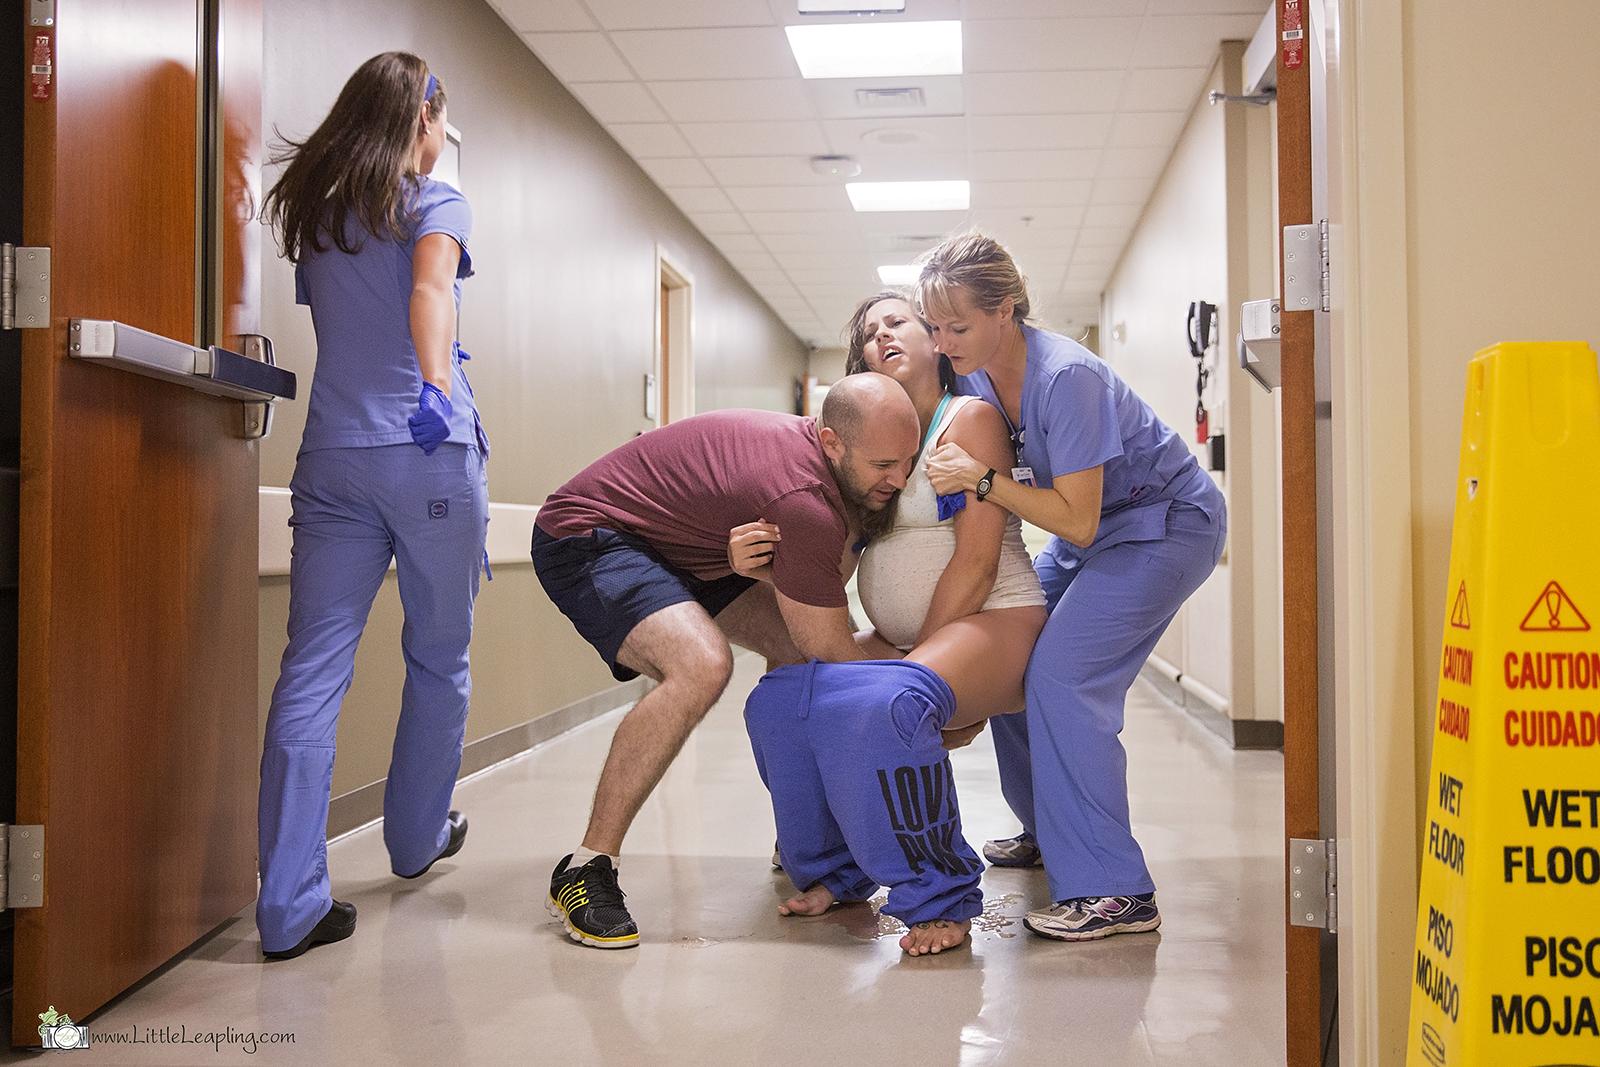 Este bebê estava com tanta pressa de vir ao mundo que nasceu no corredor do hospital 3